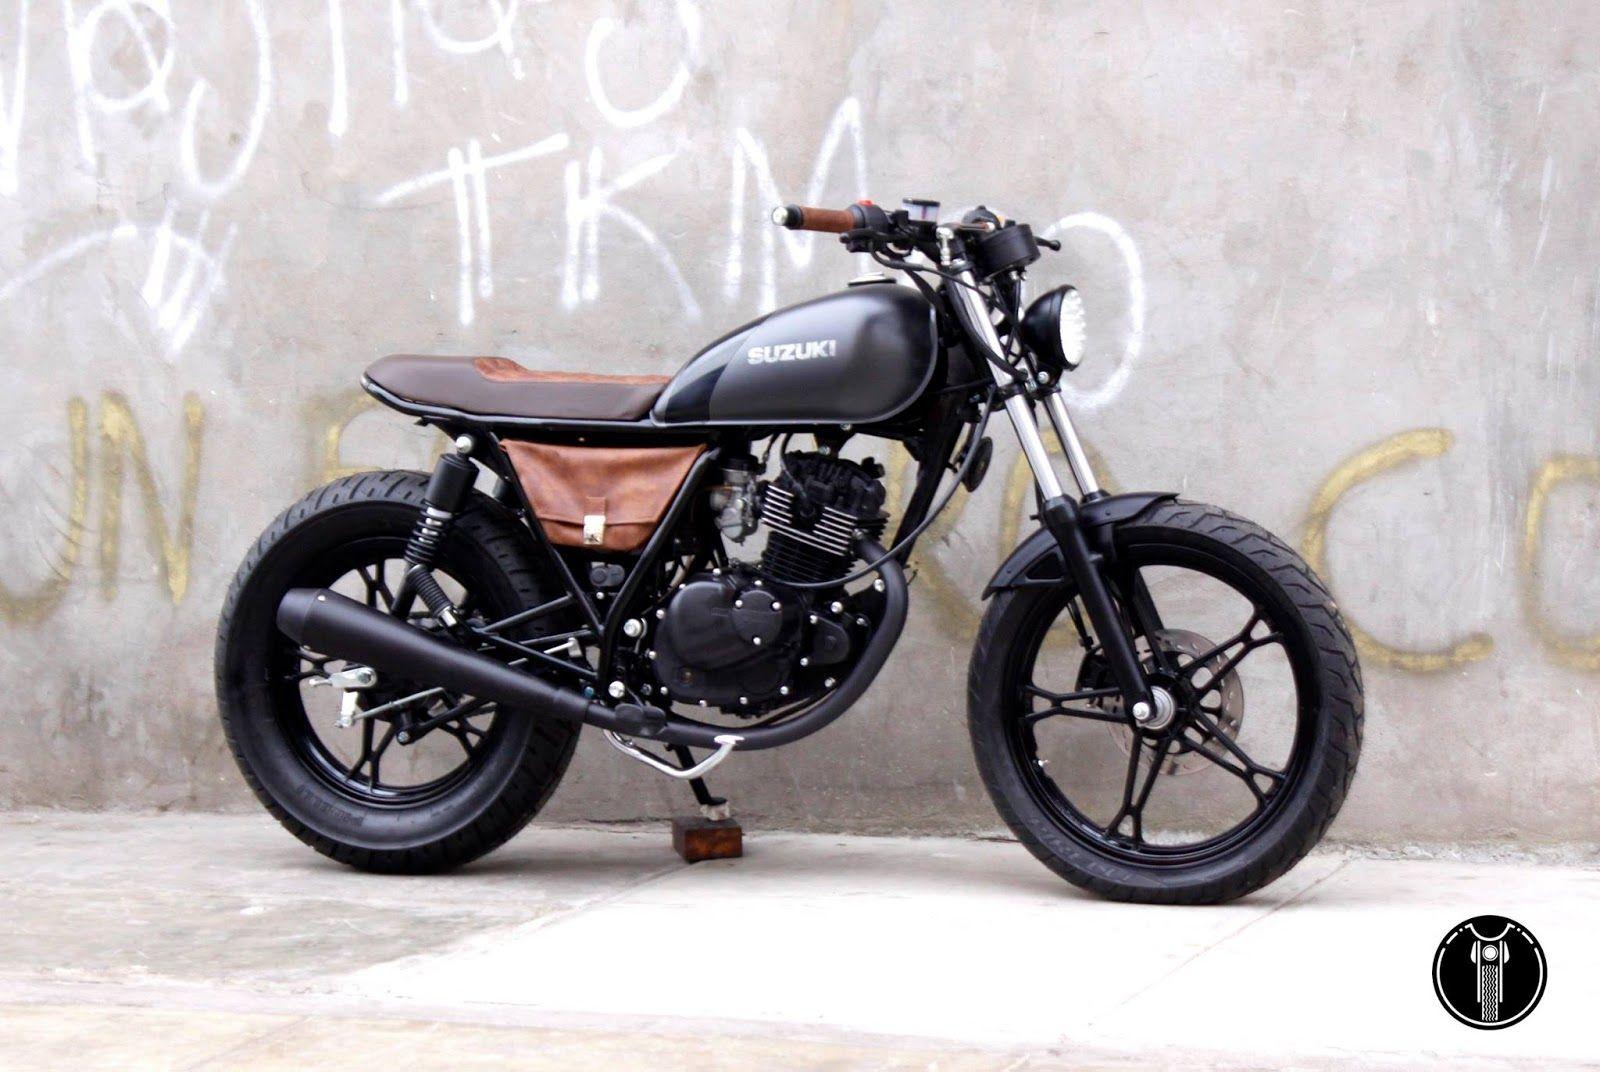 intruder 125 by solo fierros garage garagem cafe racer cars motorcycles suzuki cafe. Black Bedroom Furniture Sets. Home Design Ideas